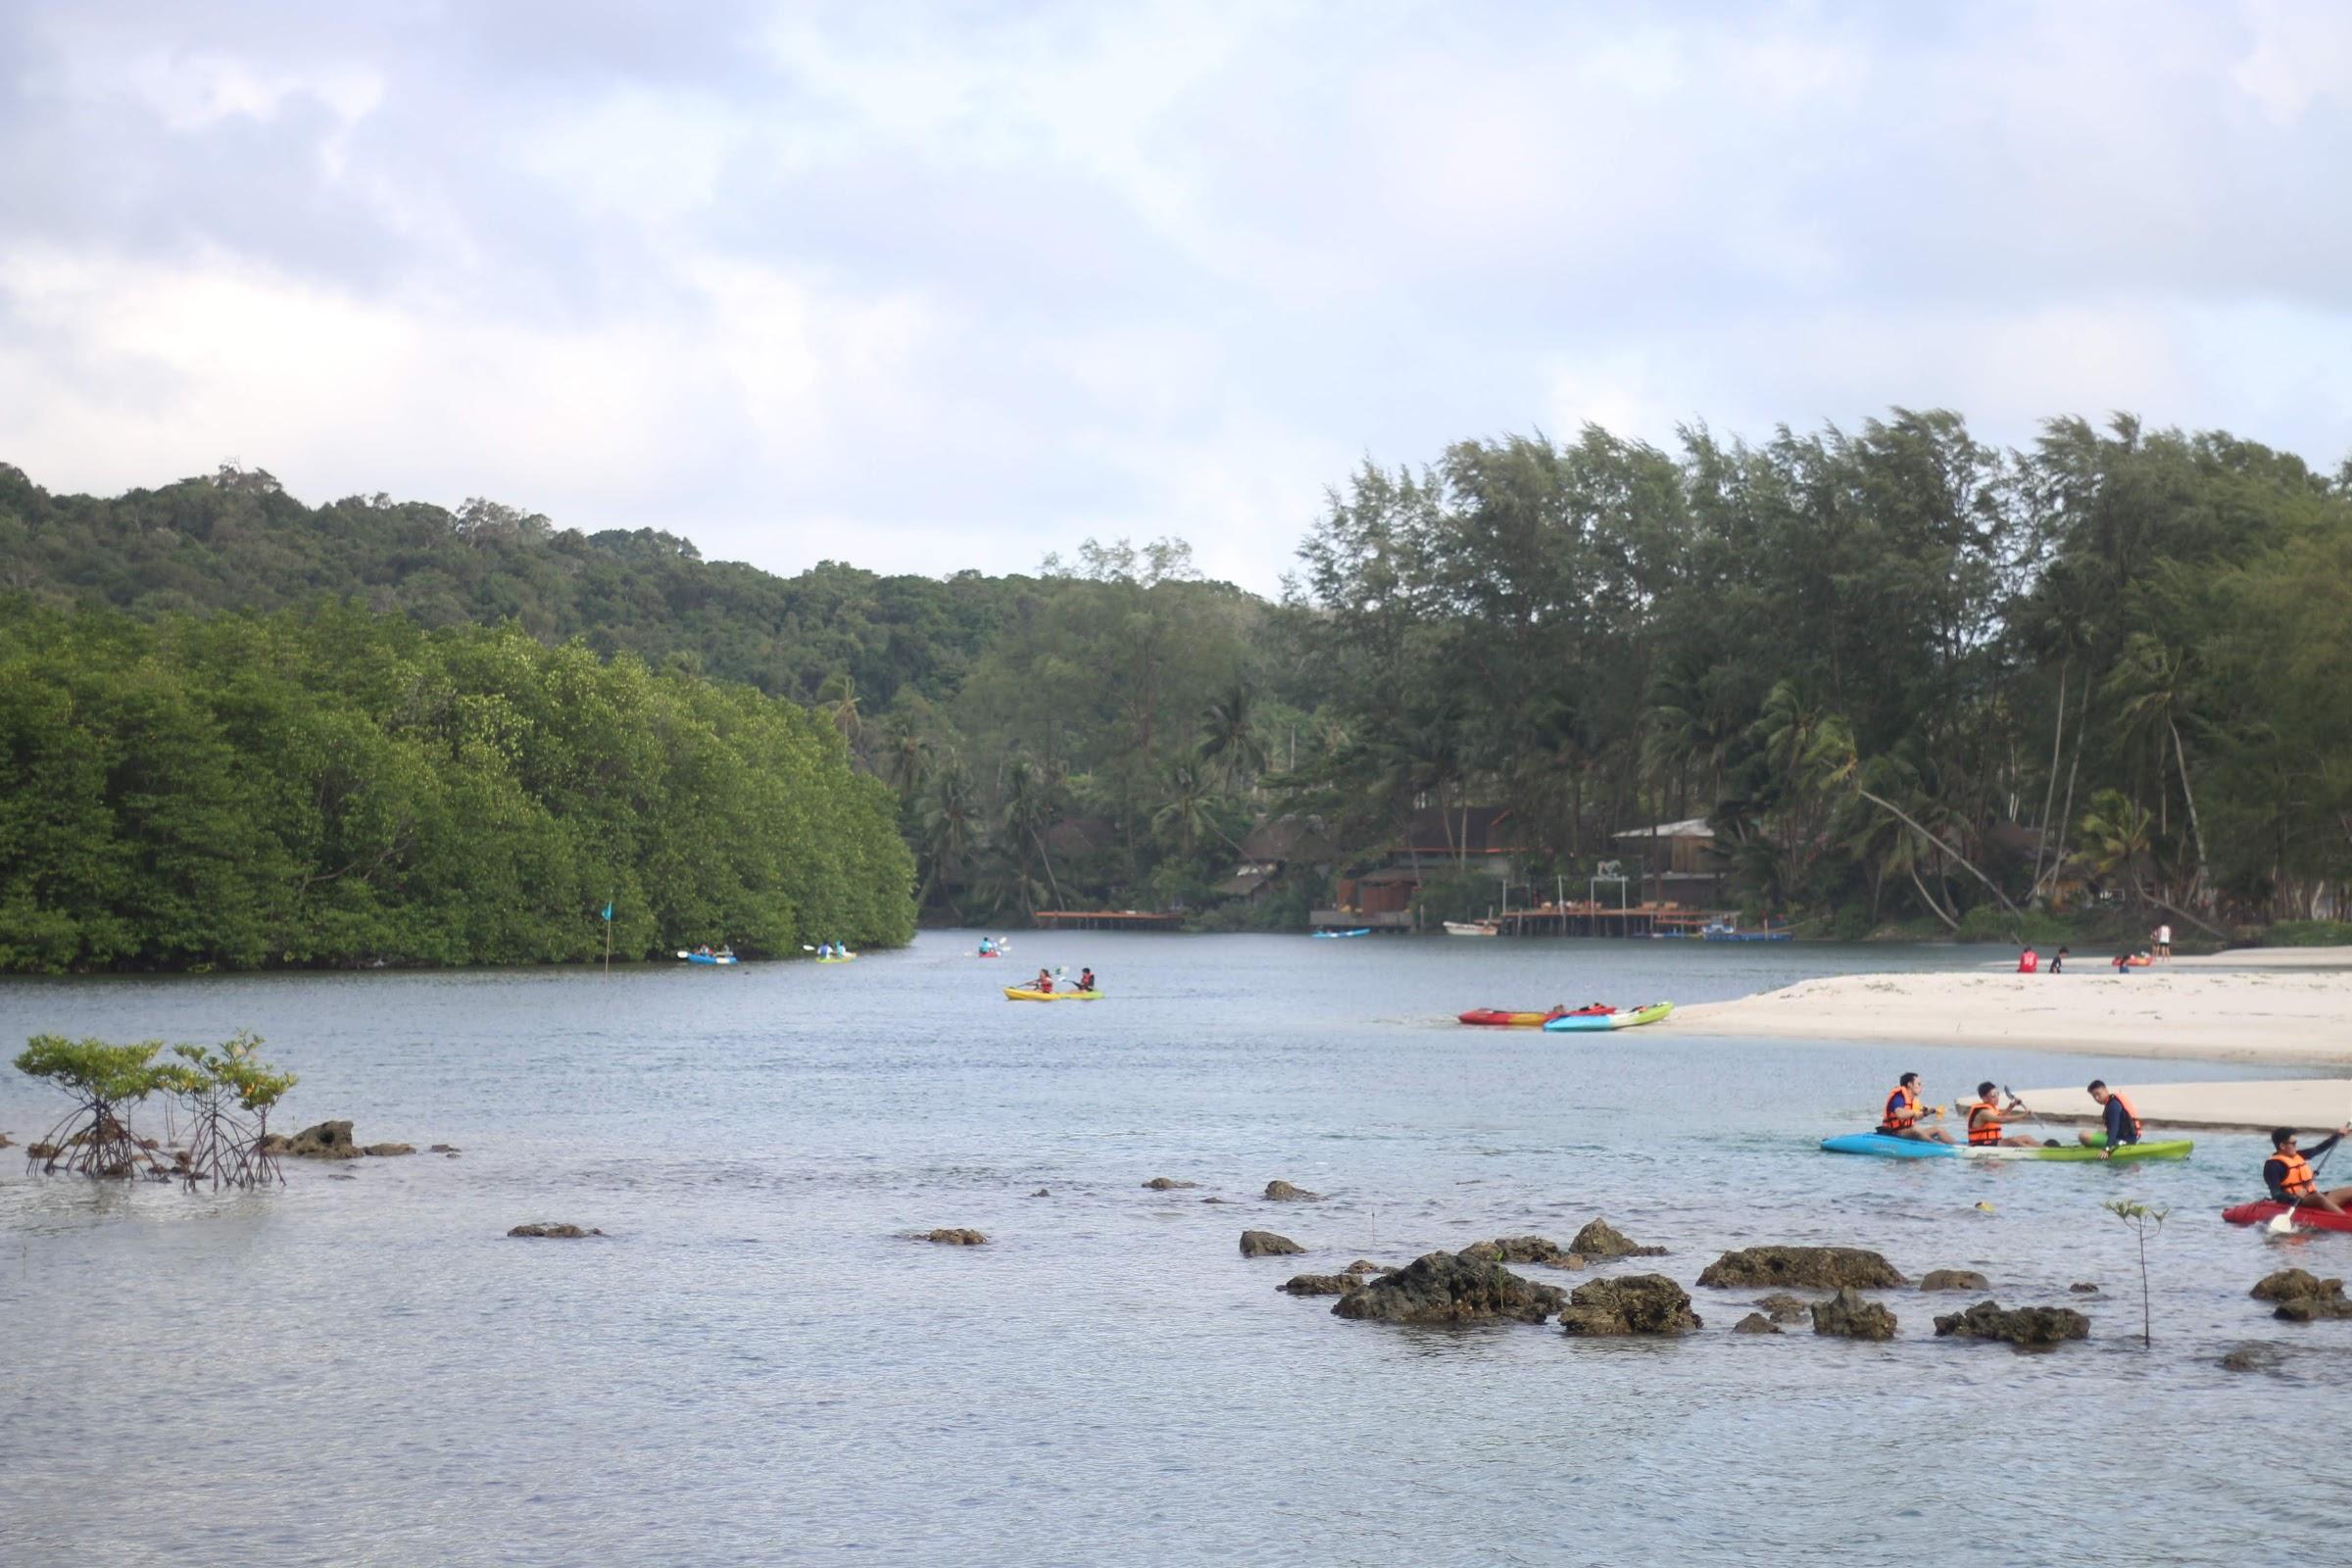 สามารถพายเรือแคนูได้ - หน้า Away Resort